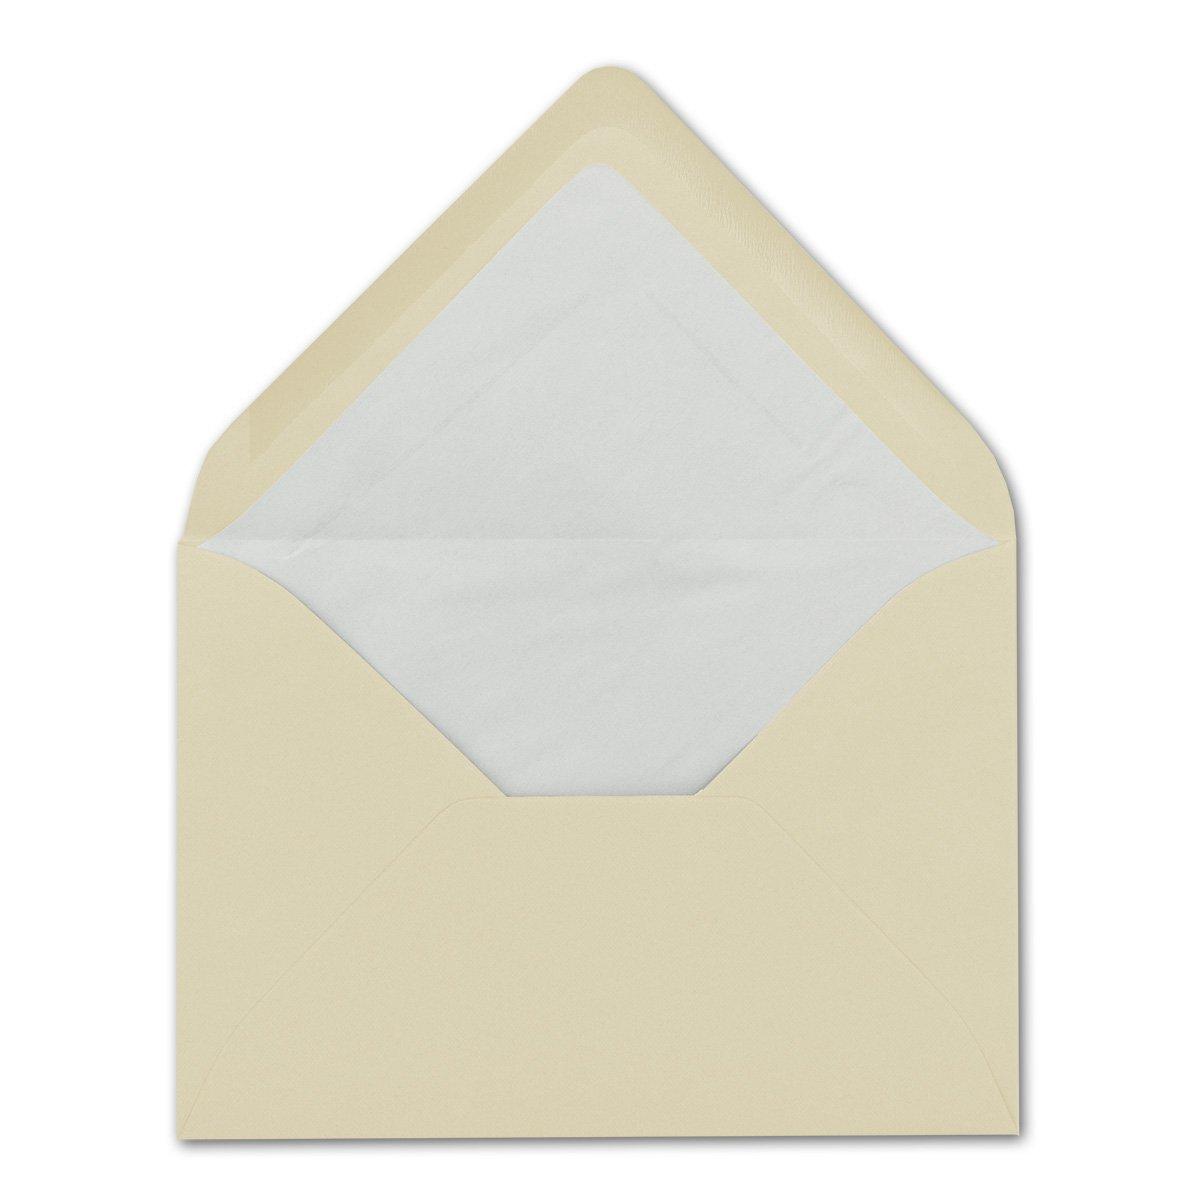 Briefumschläge in Naturweiss mit weißem Innenfutter   200 Stück Stück Stück   Farbige KuGrüns in DIN B6 Format 125 x 176 mm   Mit Seidenfutter   Nassklebung   Post-Umschläge ohne Fenster   Serie FarbenFroh B07415BJC1 | Vogue  213e6f